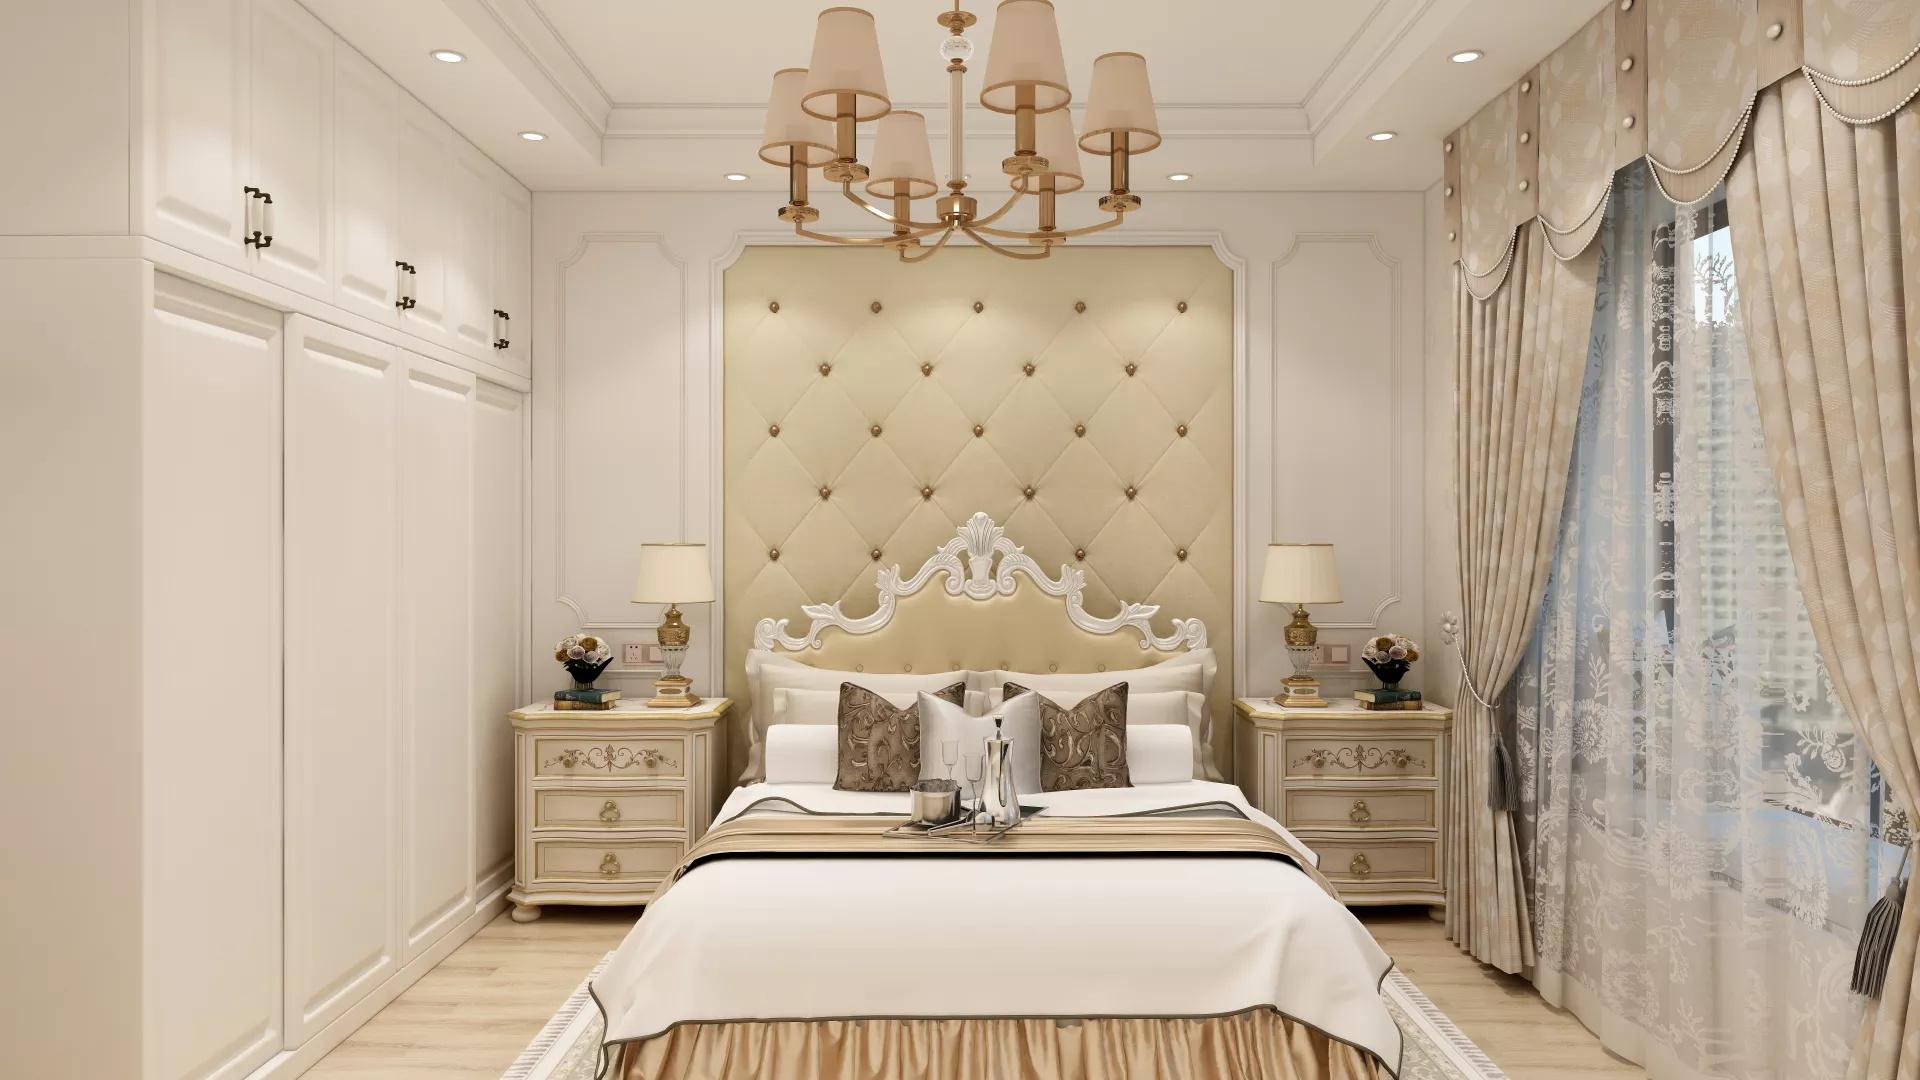 室內pvc地板售價是多少?室內pvc地板價格多貴?